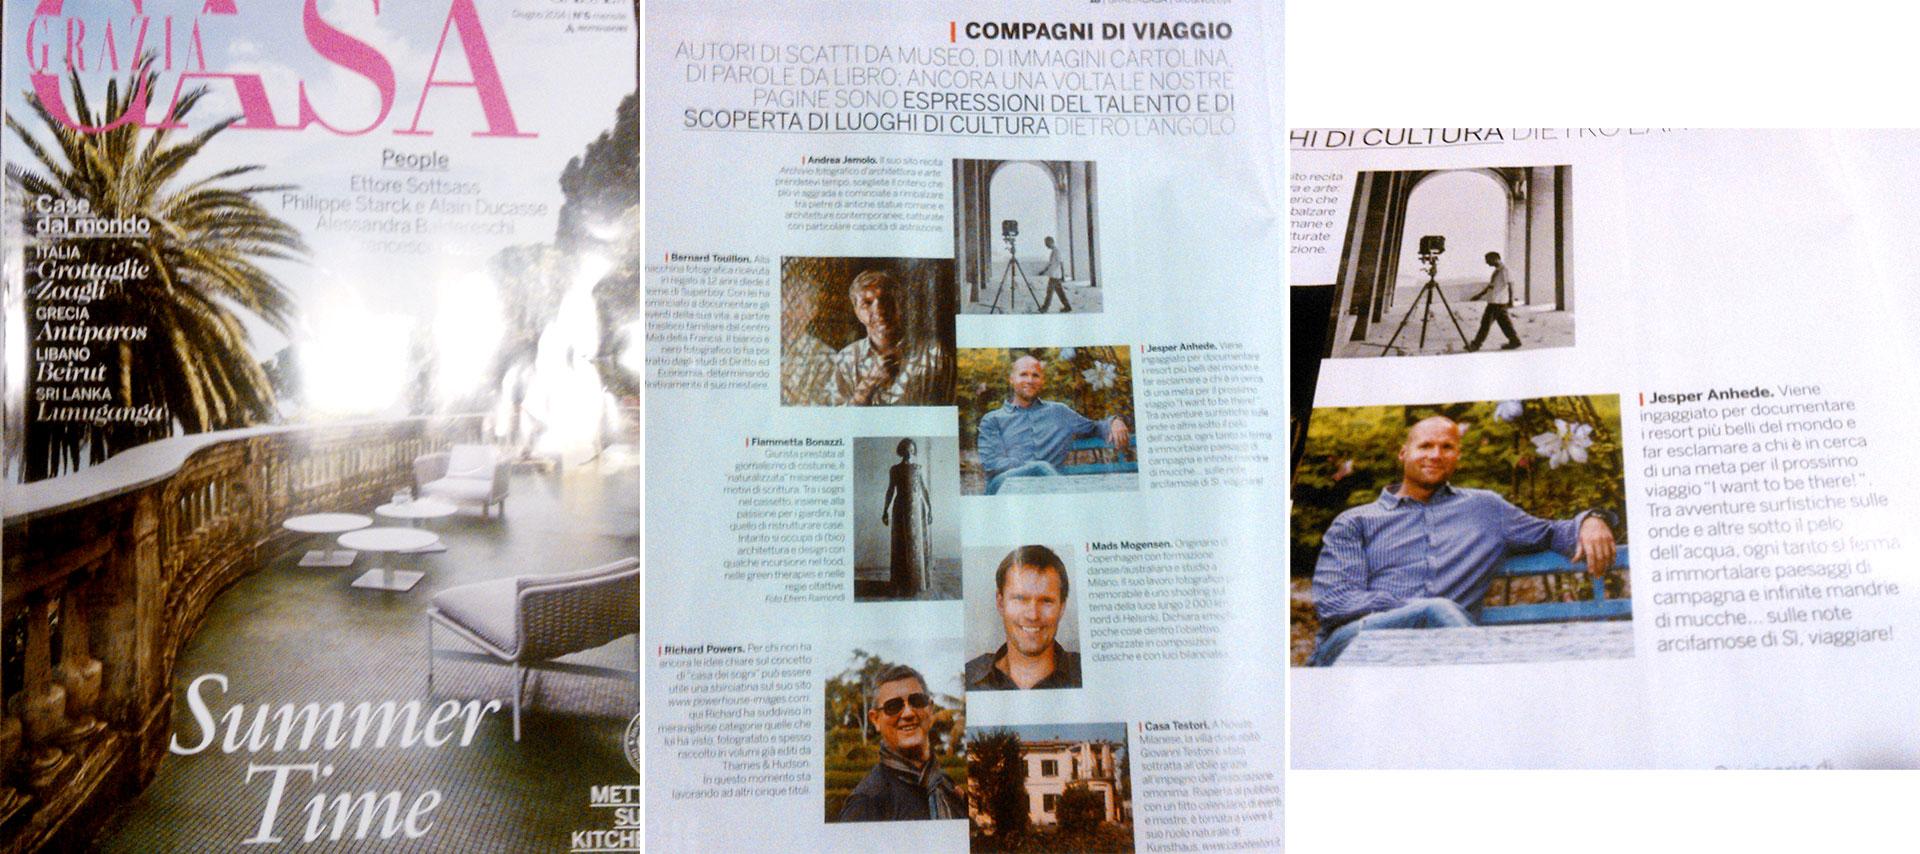 grazia casa magazine, italy-best photographer, fotograf italien